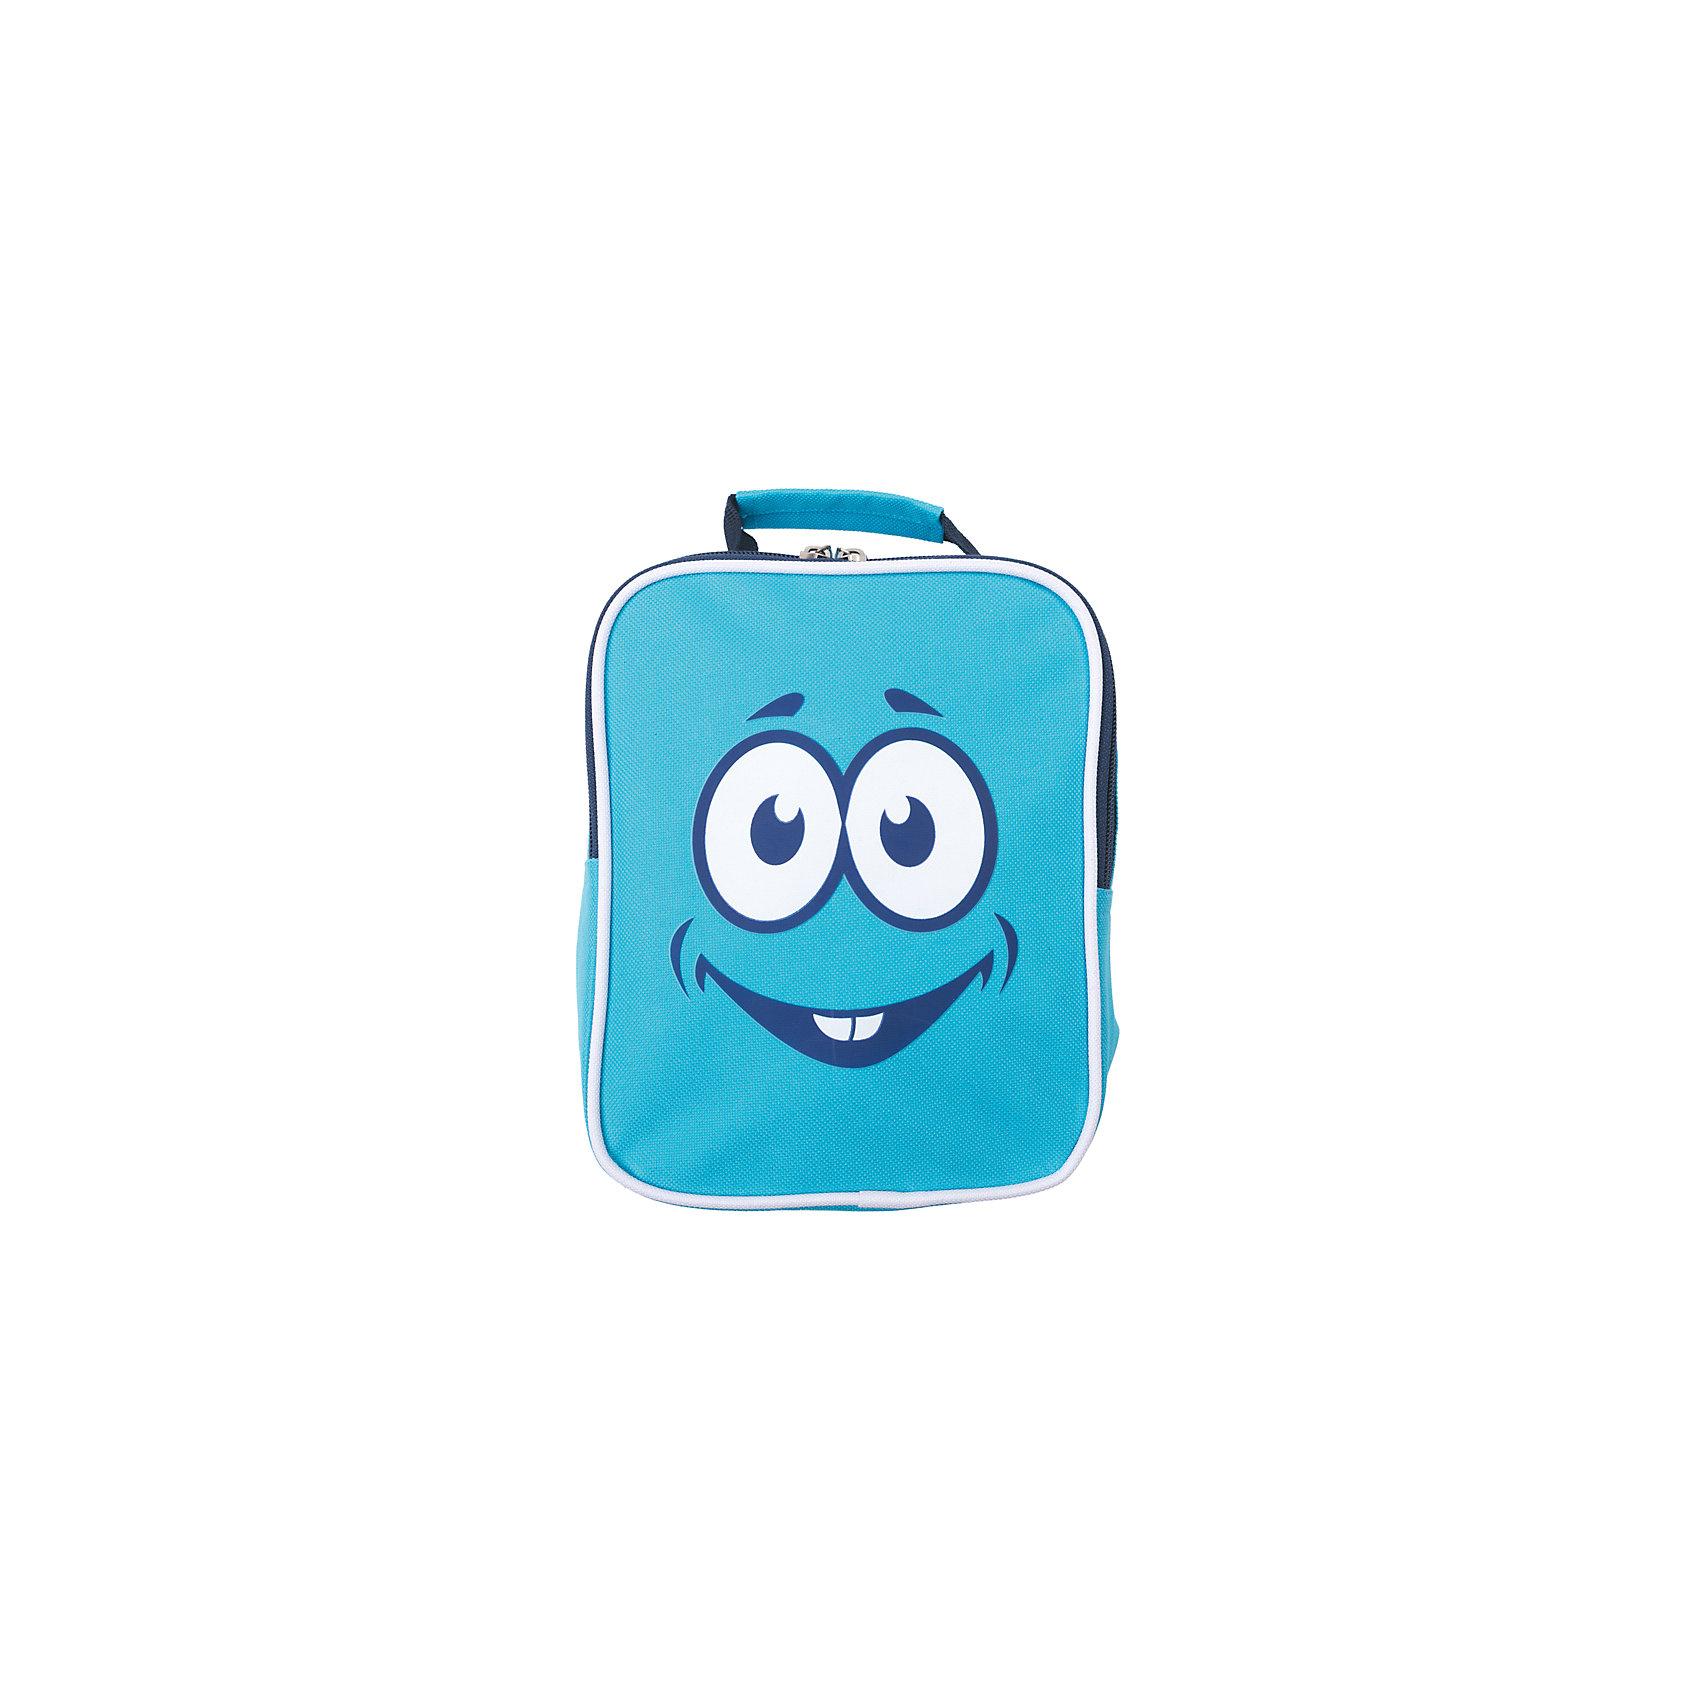 Рюкзак для мальчика PlayTodayАксессуары<br>Характеристики товара:<br><br>• цвет: голубой<br>• состав: 100% полиэстер<br>• подкладка: 100% полиэстер<br>• количество отделений: 1<br>• внутри вкладной мешок для обуви<br>• регулируемые лямки<br>• застёжка: молния<br>• объем: 1 литр<br>• ширина: 18 см<br>• глубина: 6 см<br>• высота: 22 см<br>• страна бренда: Германия<br>• страна производства: Китай<br><br>Городской рюкзак на молнии для мальчика PlayToday. Удобный рюкзак в стиле милитари с забавным принтом. Внутри дополнительный вкладной мешок, в который можно класть обувь.<br><br>Сумку для мальчика от известного бренда PlayToday можно купить в нашем интернет-магазине.<br><br>Ширина мм: 227<br>Глубина мм: 11<br>Высота мм: 226<br>Вес г: 350<br>Цвет: белый<br>Возраст от месяцев: 6<br>Возраст до месяцев: 9<br>Пол: Мужской<br>Возраст: Детский<br>Размер: one size<br>SKU: 5407979